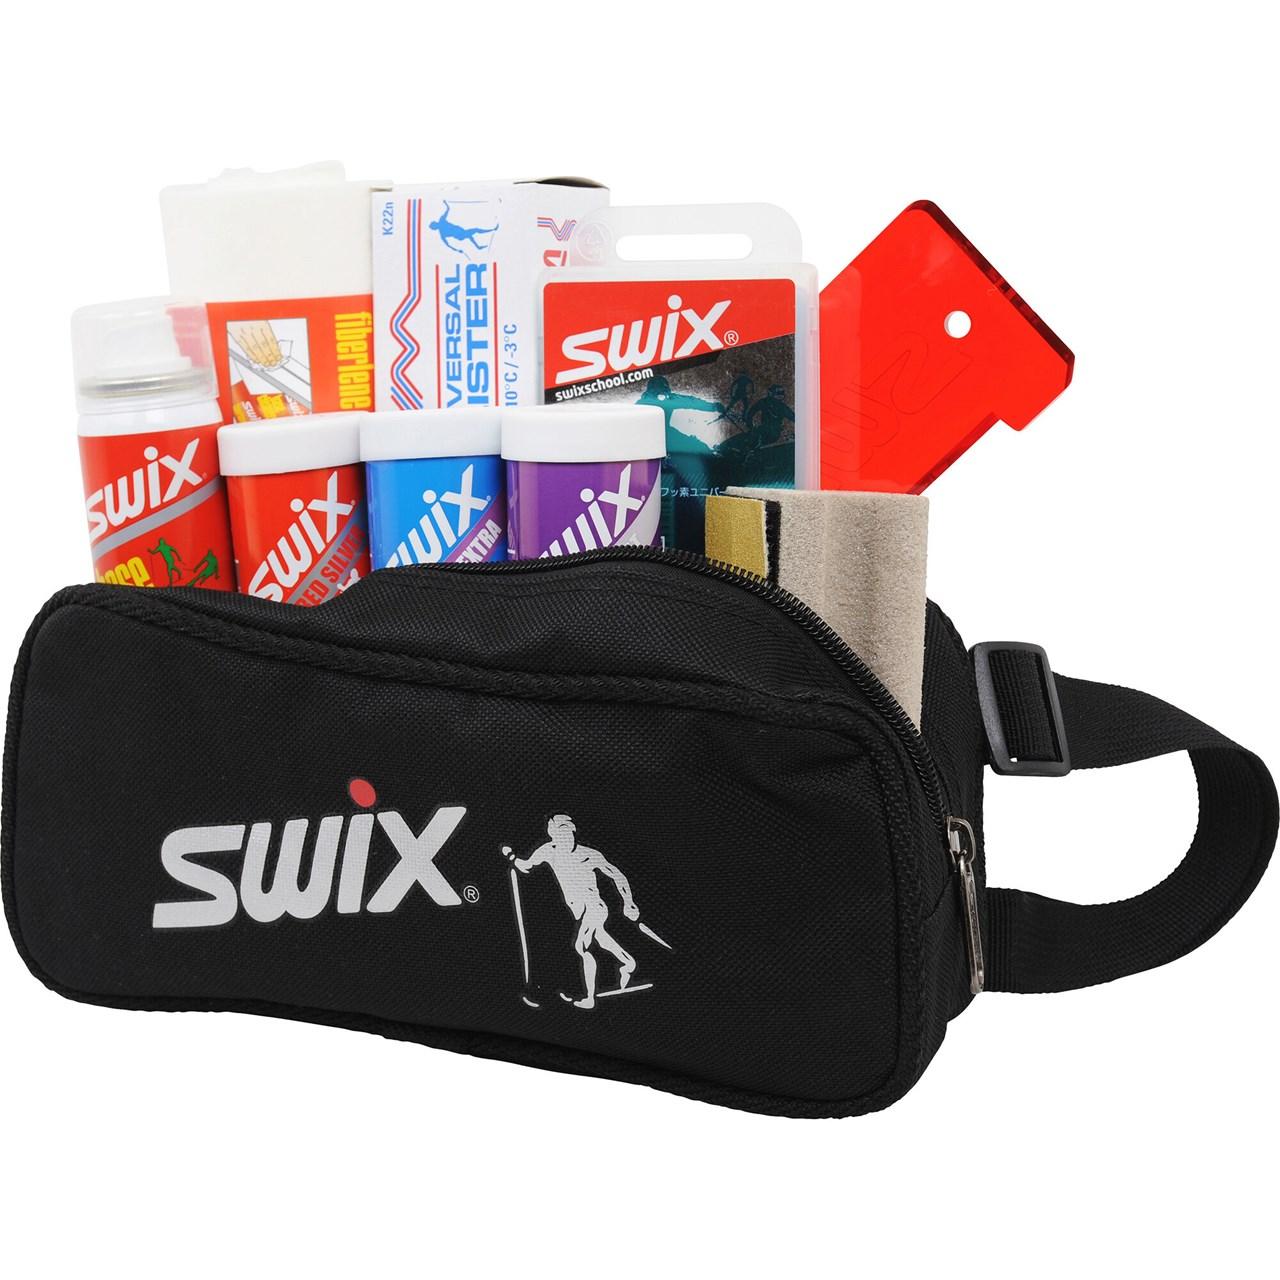 Swix wax-csomag Forrás: swixsport.com